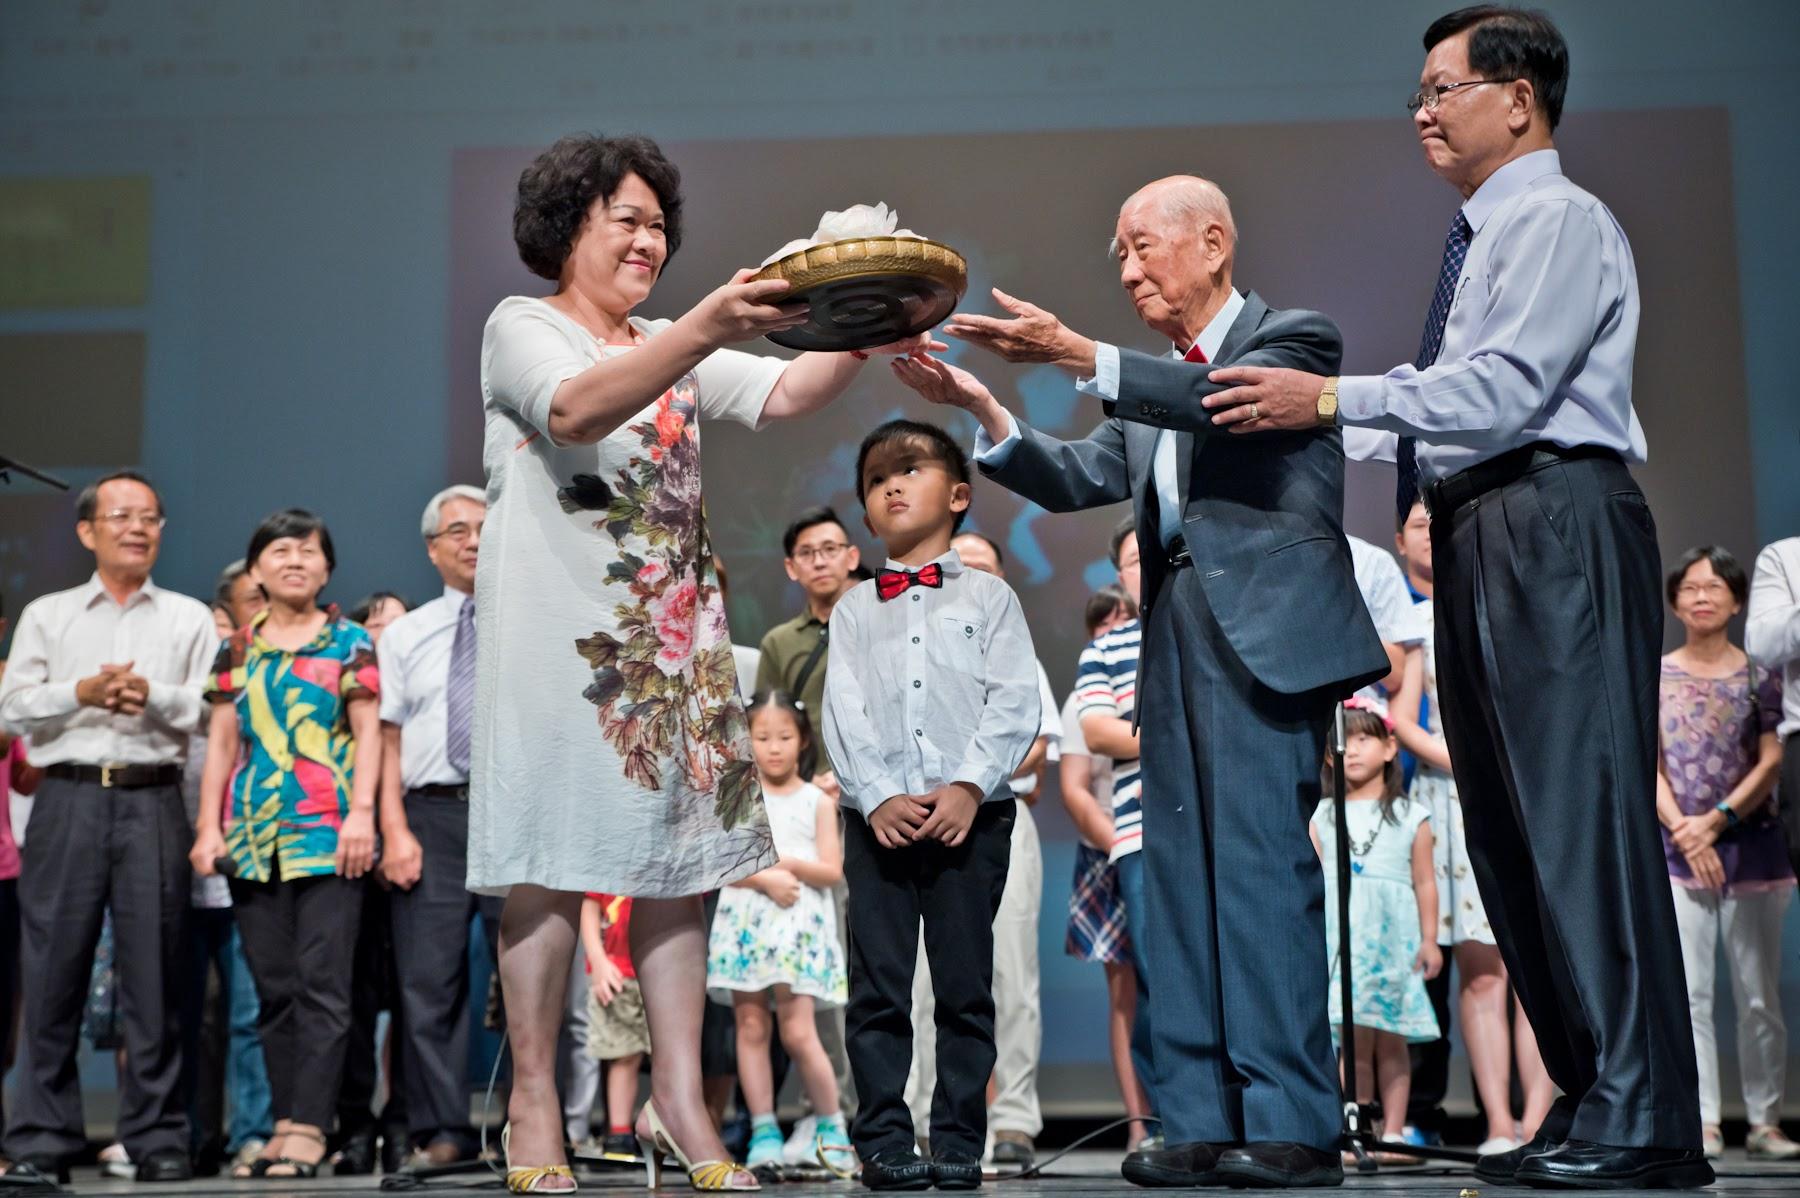 蔡玉村先生的家族合唱偶然與生日快樂歌,長子蔡瑞生獻壽桃慶祝父親94華誕。